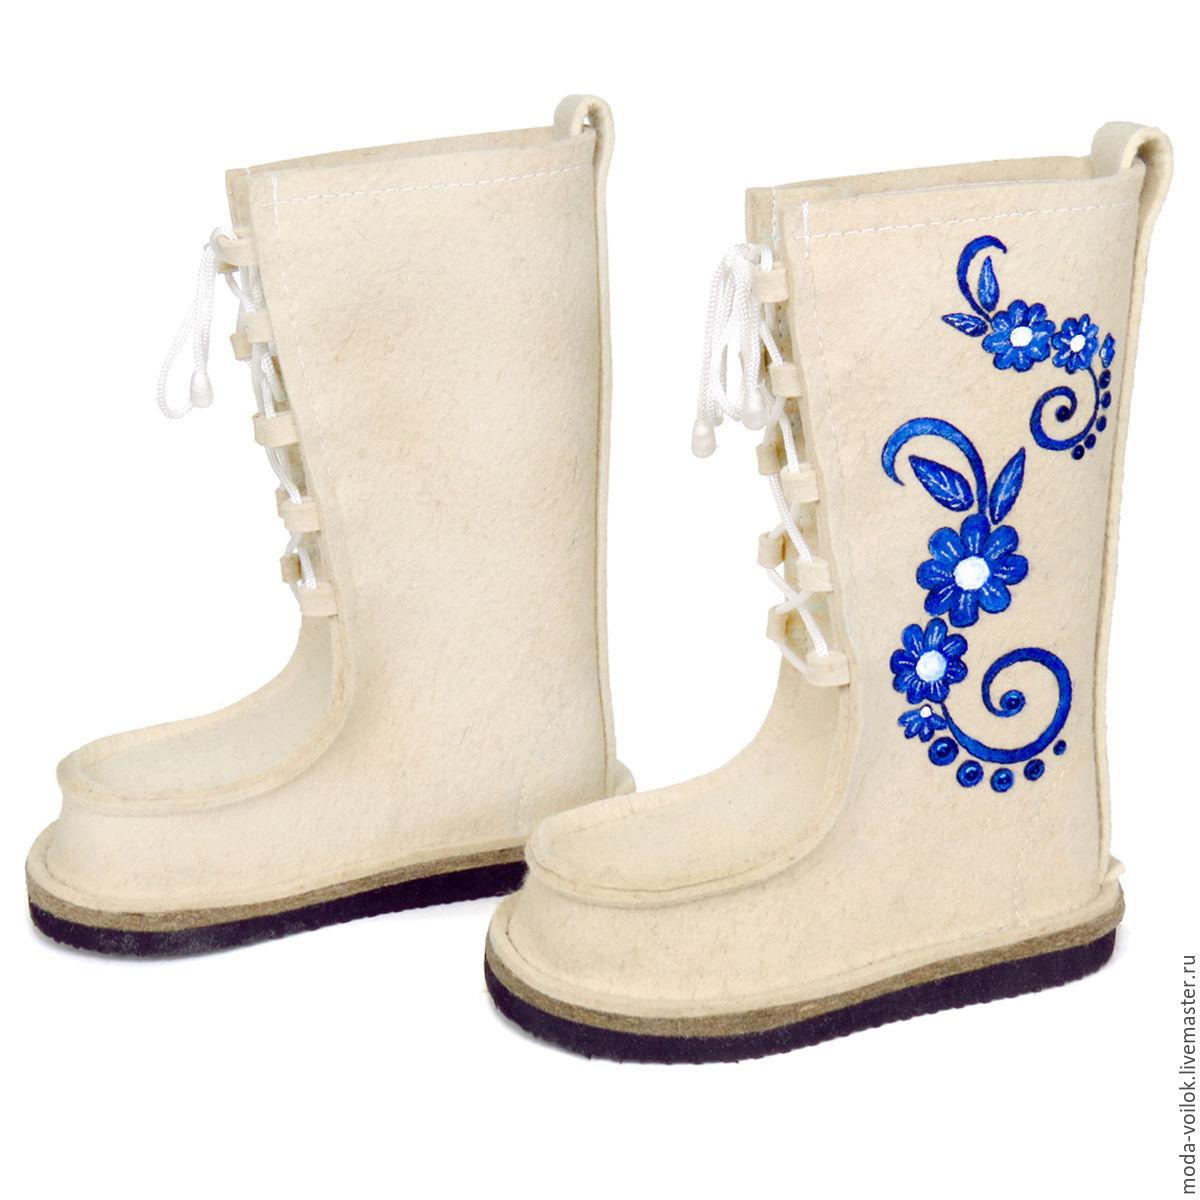 Обувь зимняя валенки женские